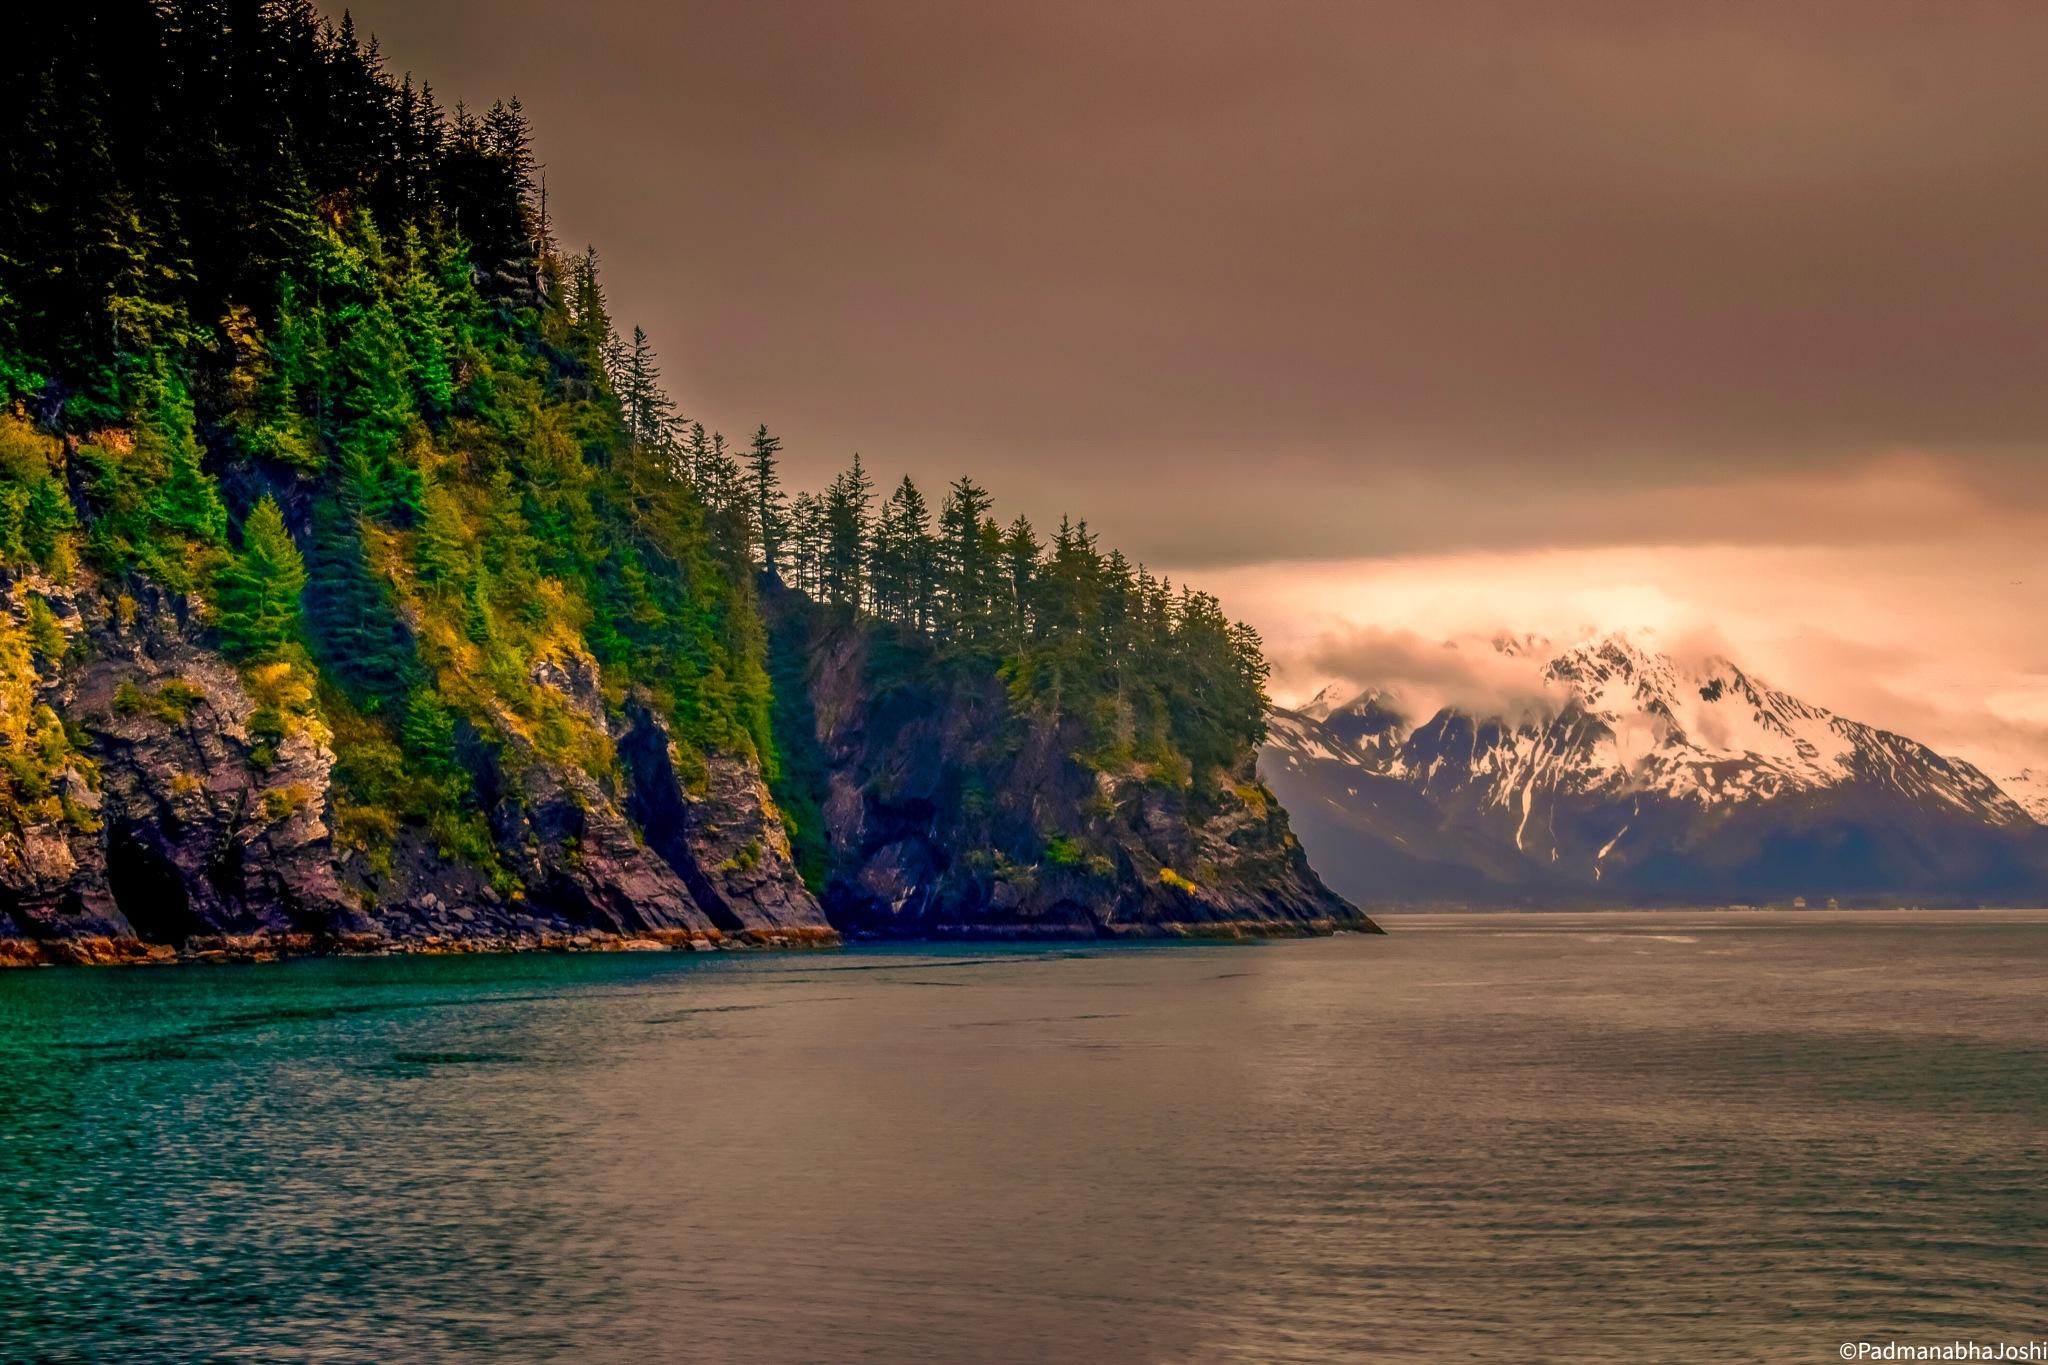 Kenai fjord national park alaska by Padmanabha Joshi(PJ)